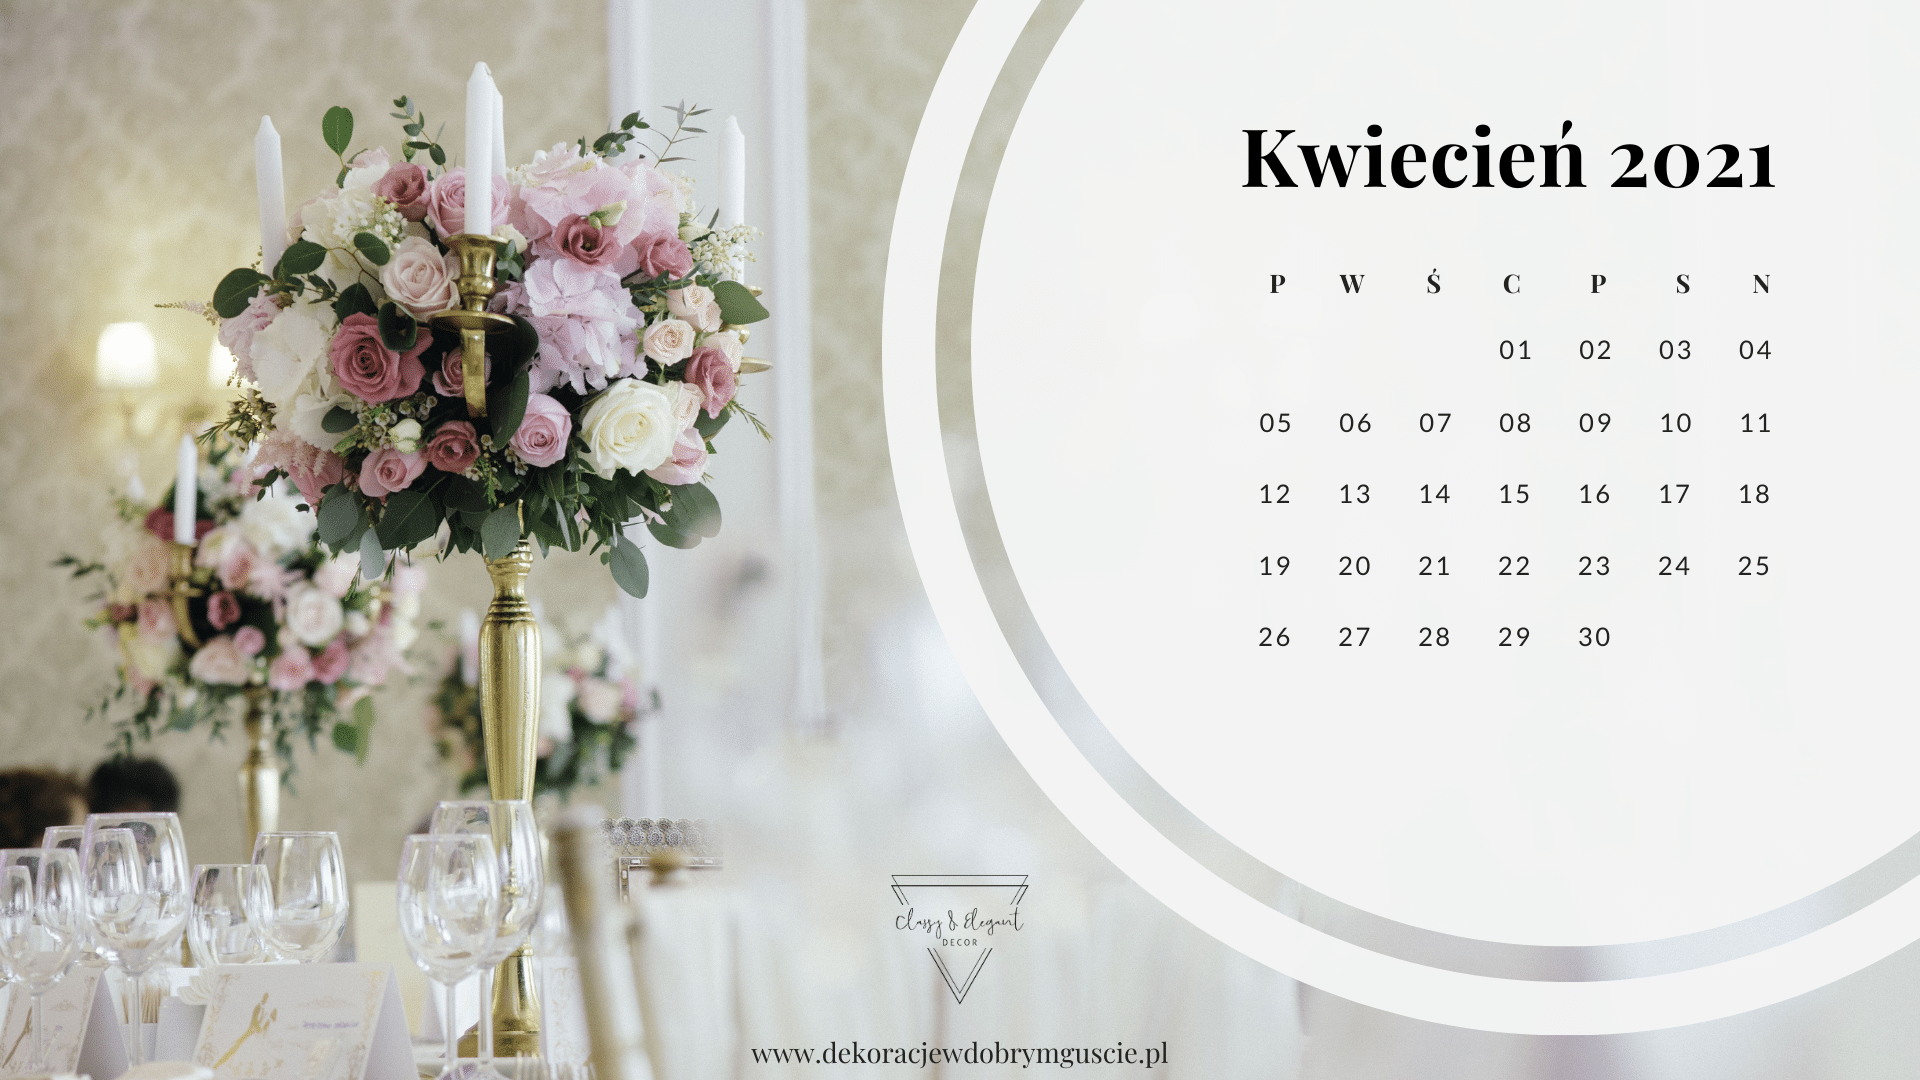 Classy_and_Elegant_Decor_dekoracje_w_dobrym_guscie_szczecin_zachodniopomorskie_pobierz_za_darmo_kalendarz_Kwiecień_2021